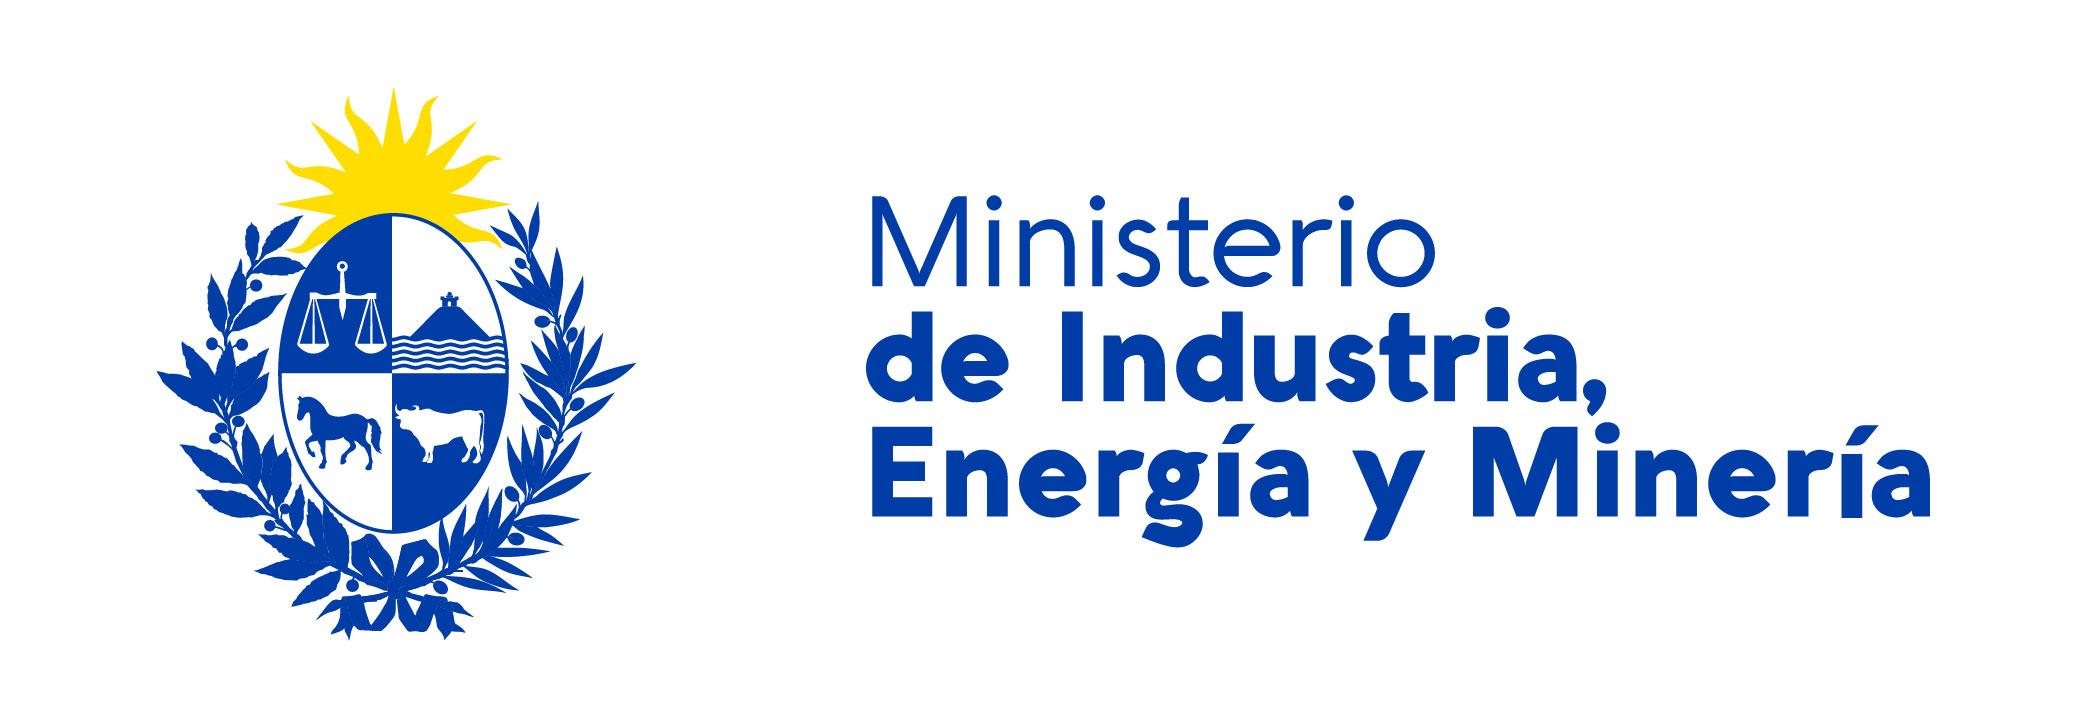 Ministerio de Industria, Energía y Minería - Uruguay Emprendedor